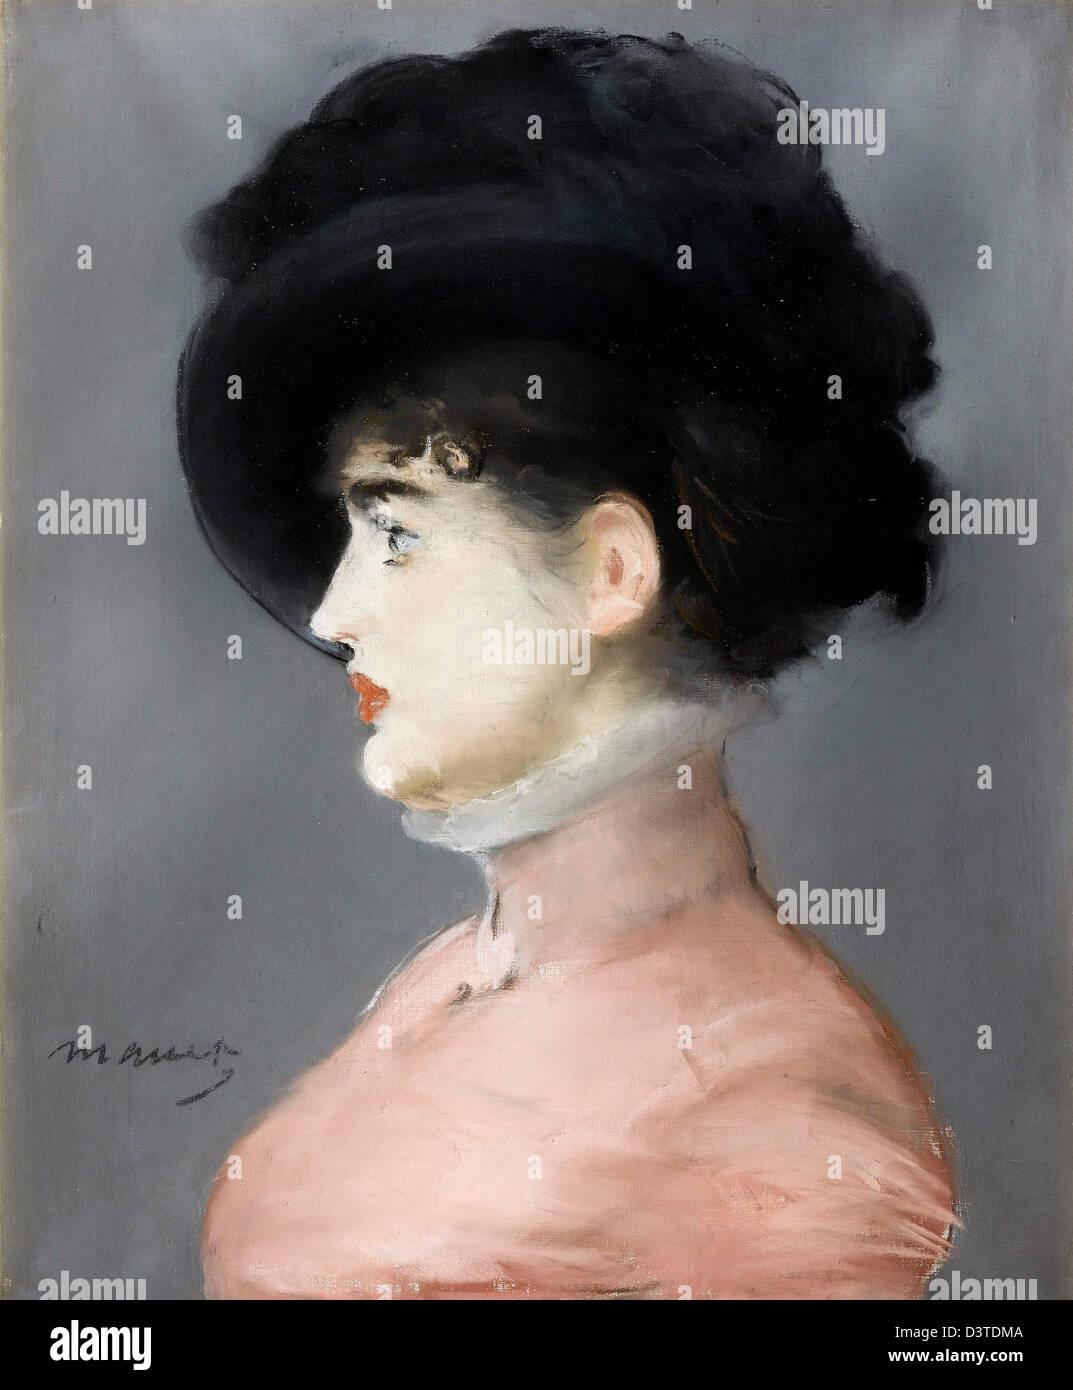 Edouard Manet, Irma Brunner 1880 pastello. Musée d'Orsay, Parigi Immagini Stock